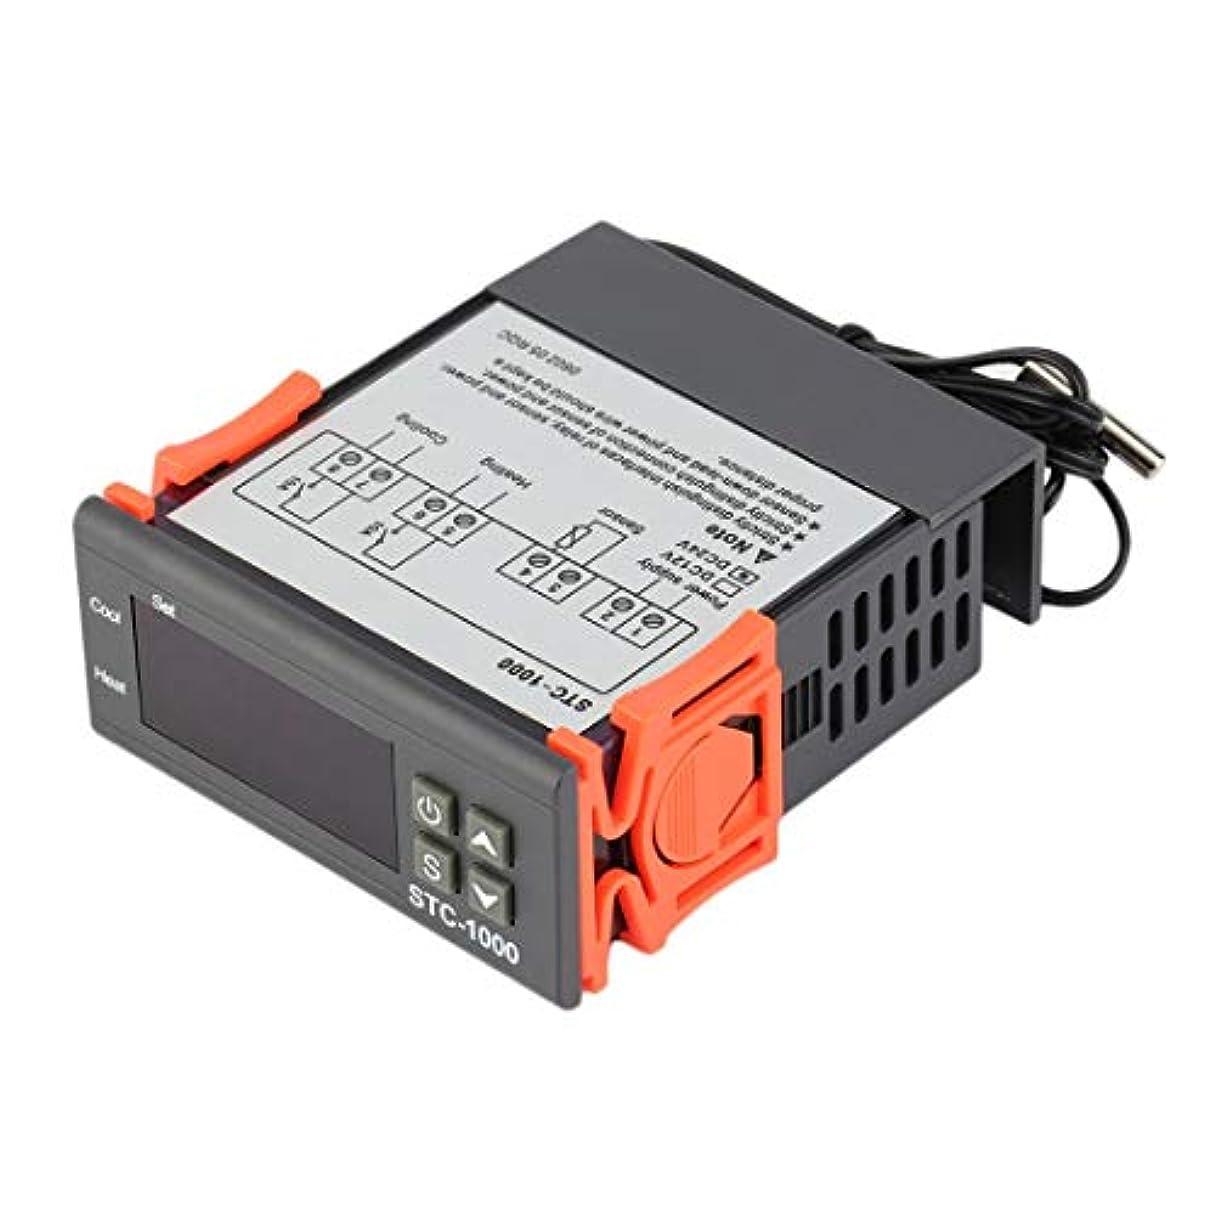 ブレーキフォーマット計画Swiftgood センサ付き2リレー出力デジタル温度コントローラサーモスタット